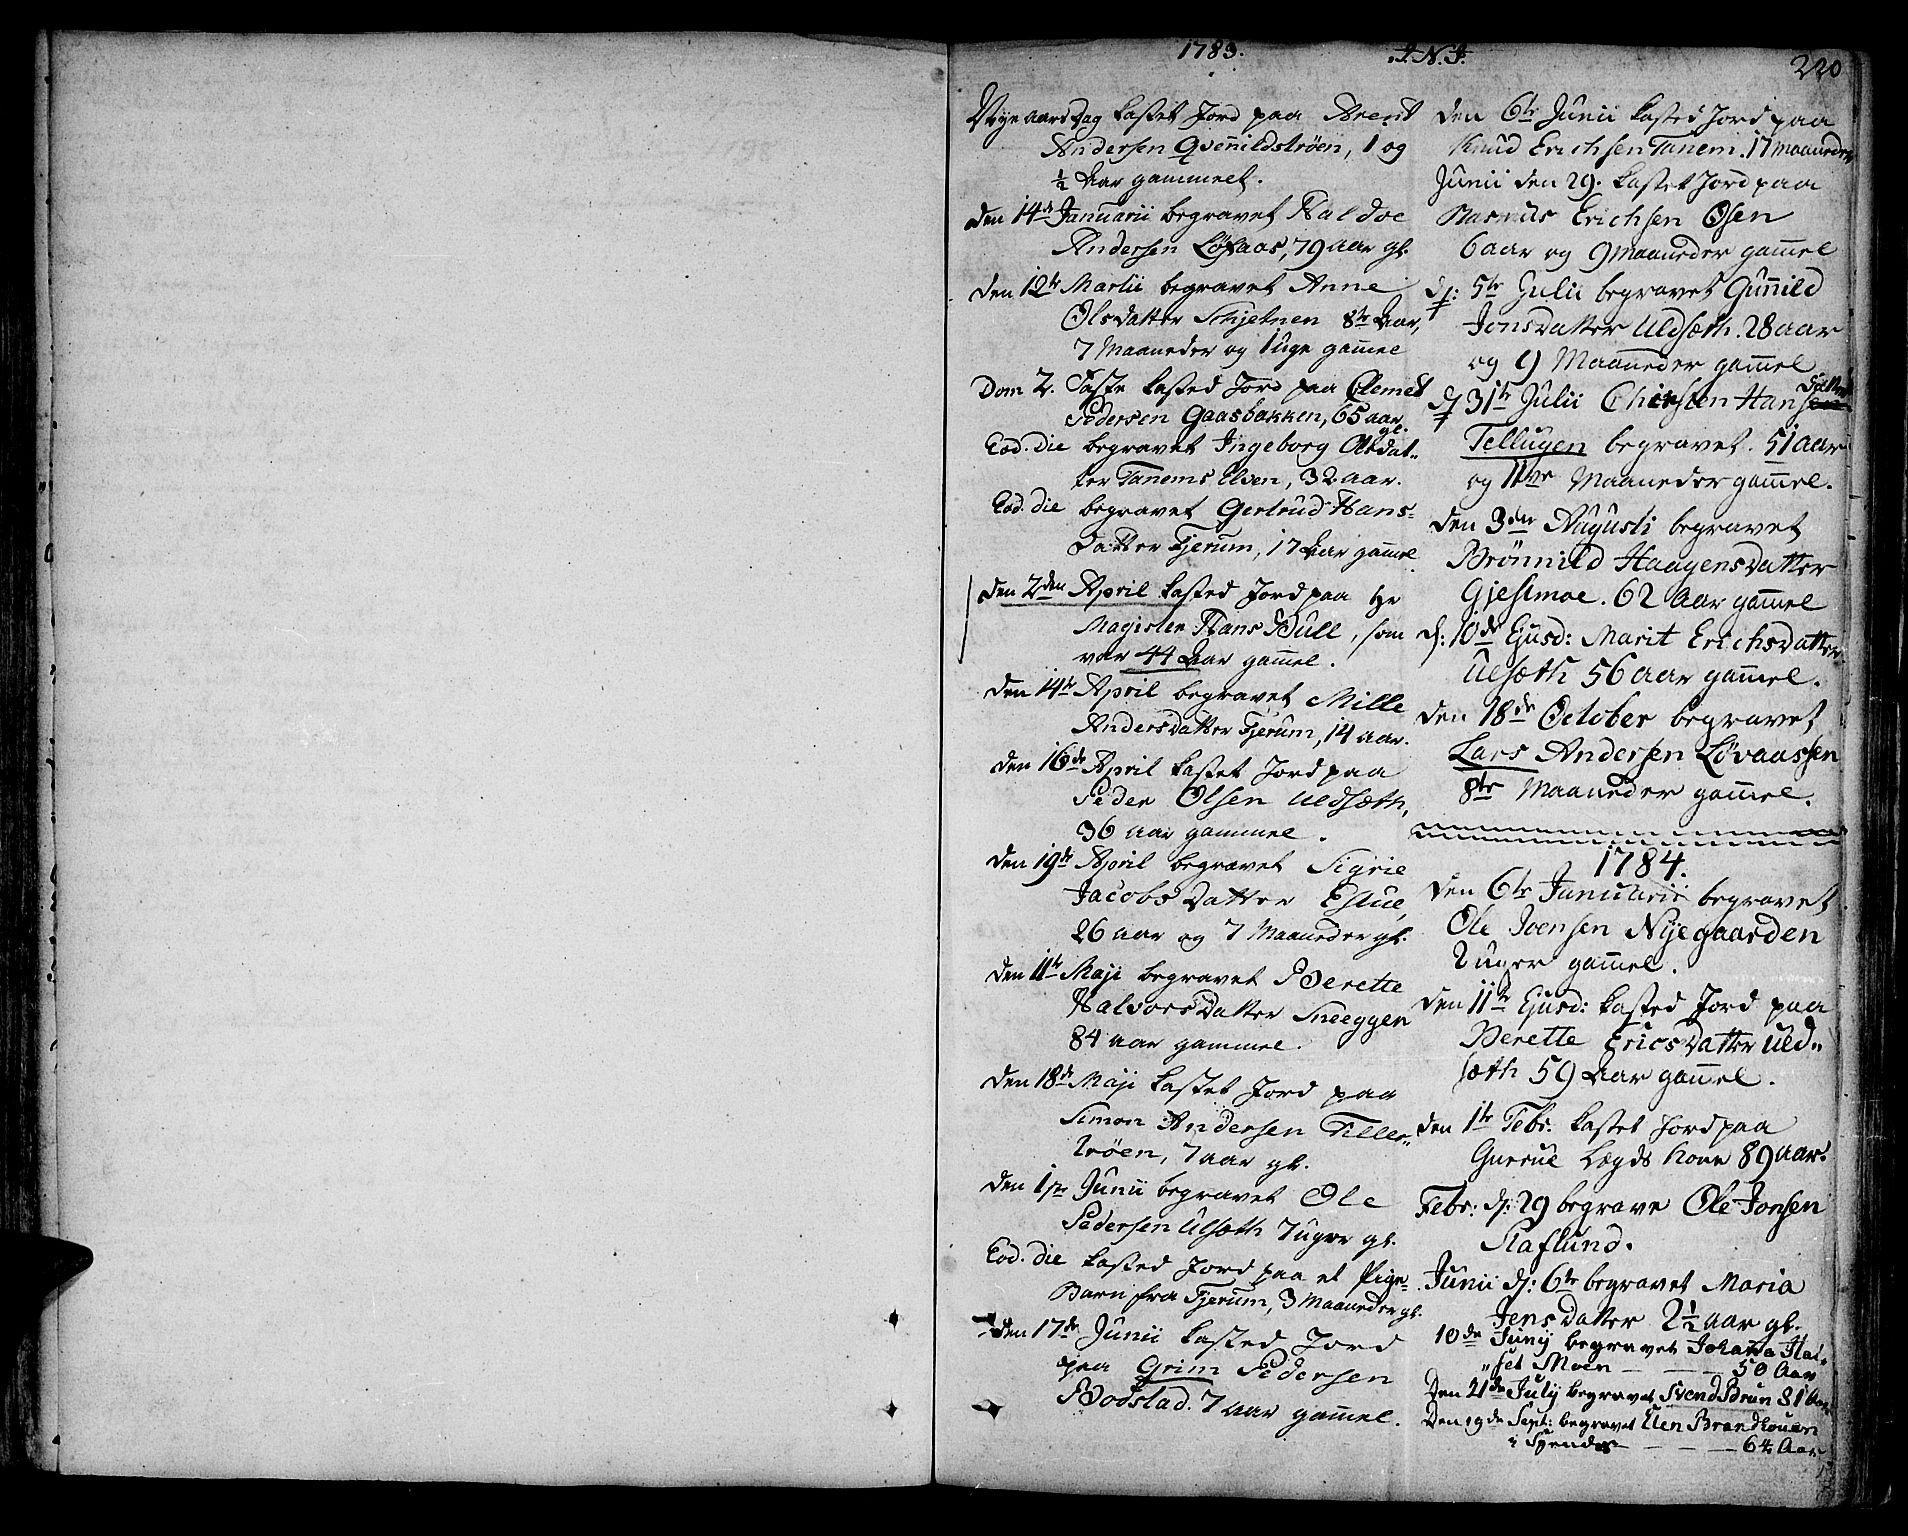 SAT, Ministerialprotokoller, klokkerbøker og fødselsregistre - Sør-Trøndelag, 618/L0438: Ministerialbok nr. 618A03, 1783-1815, s. 220